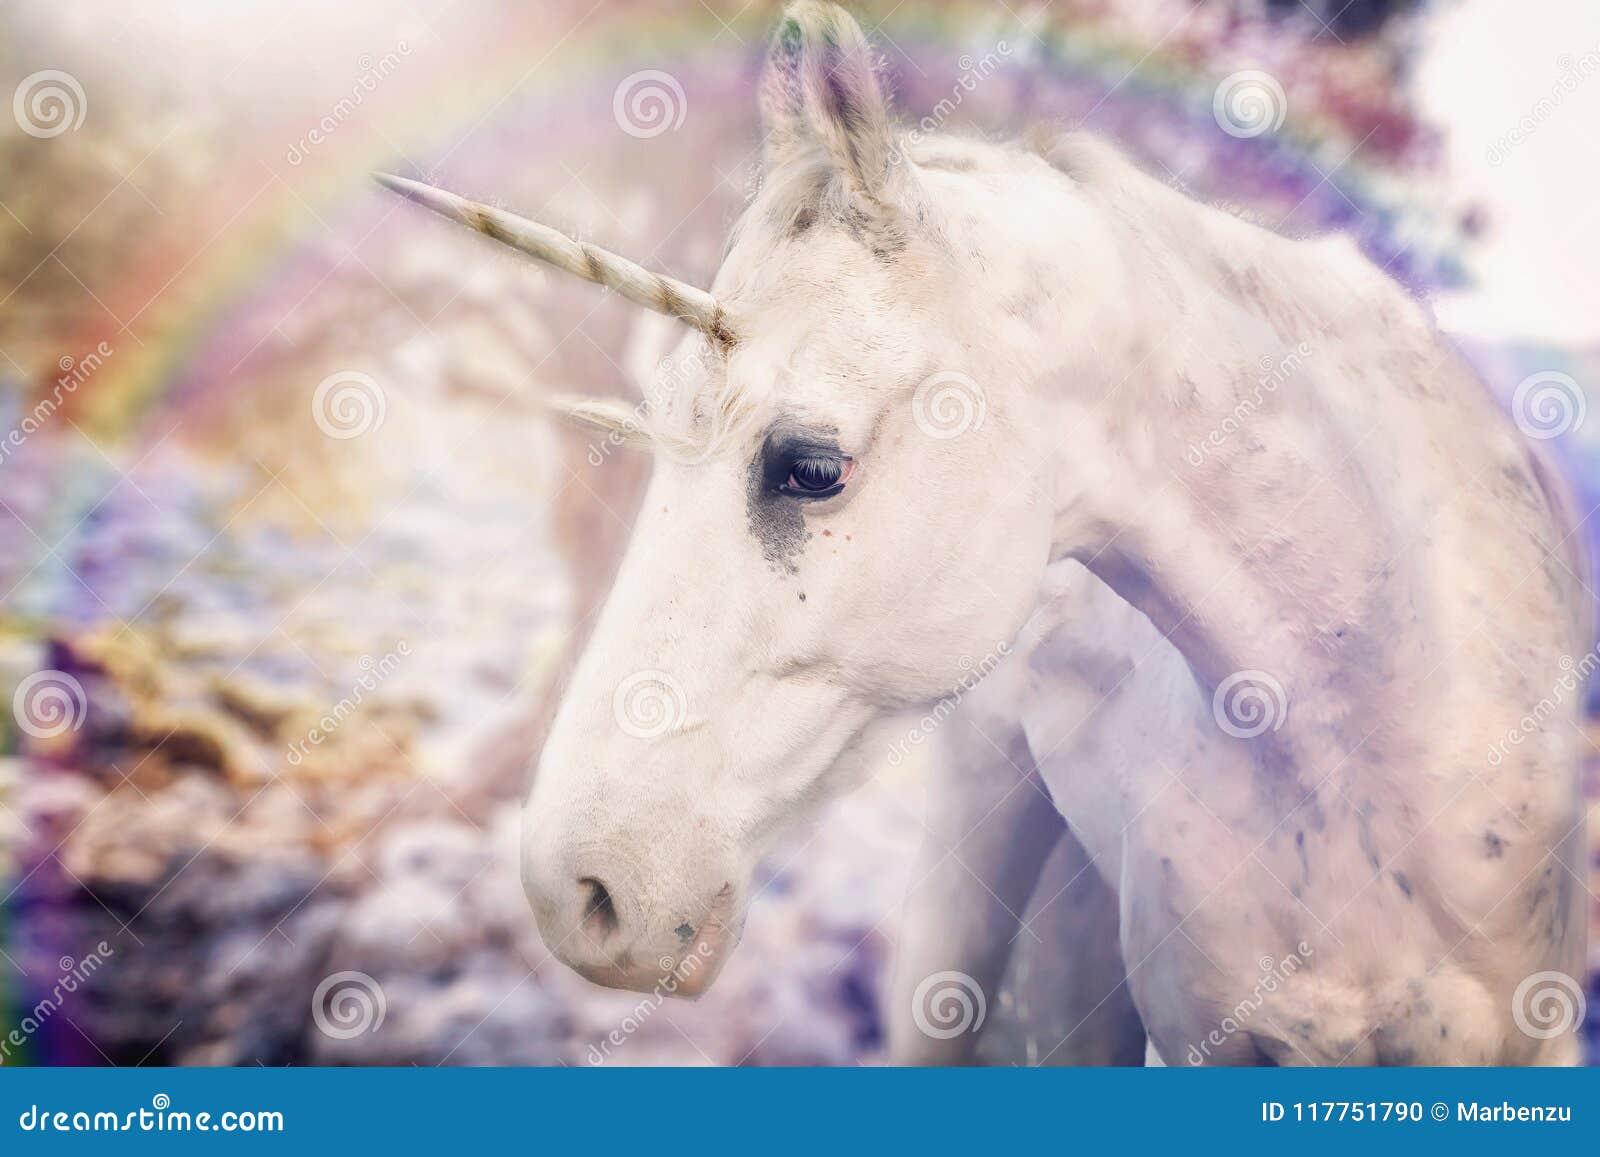 Real Unicorn White Horned Stock Photo Image Of White 117751790